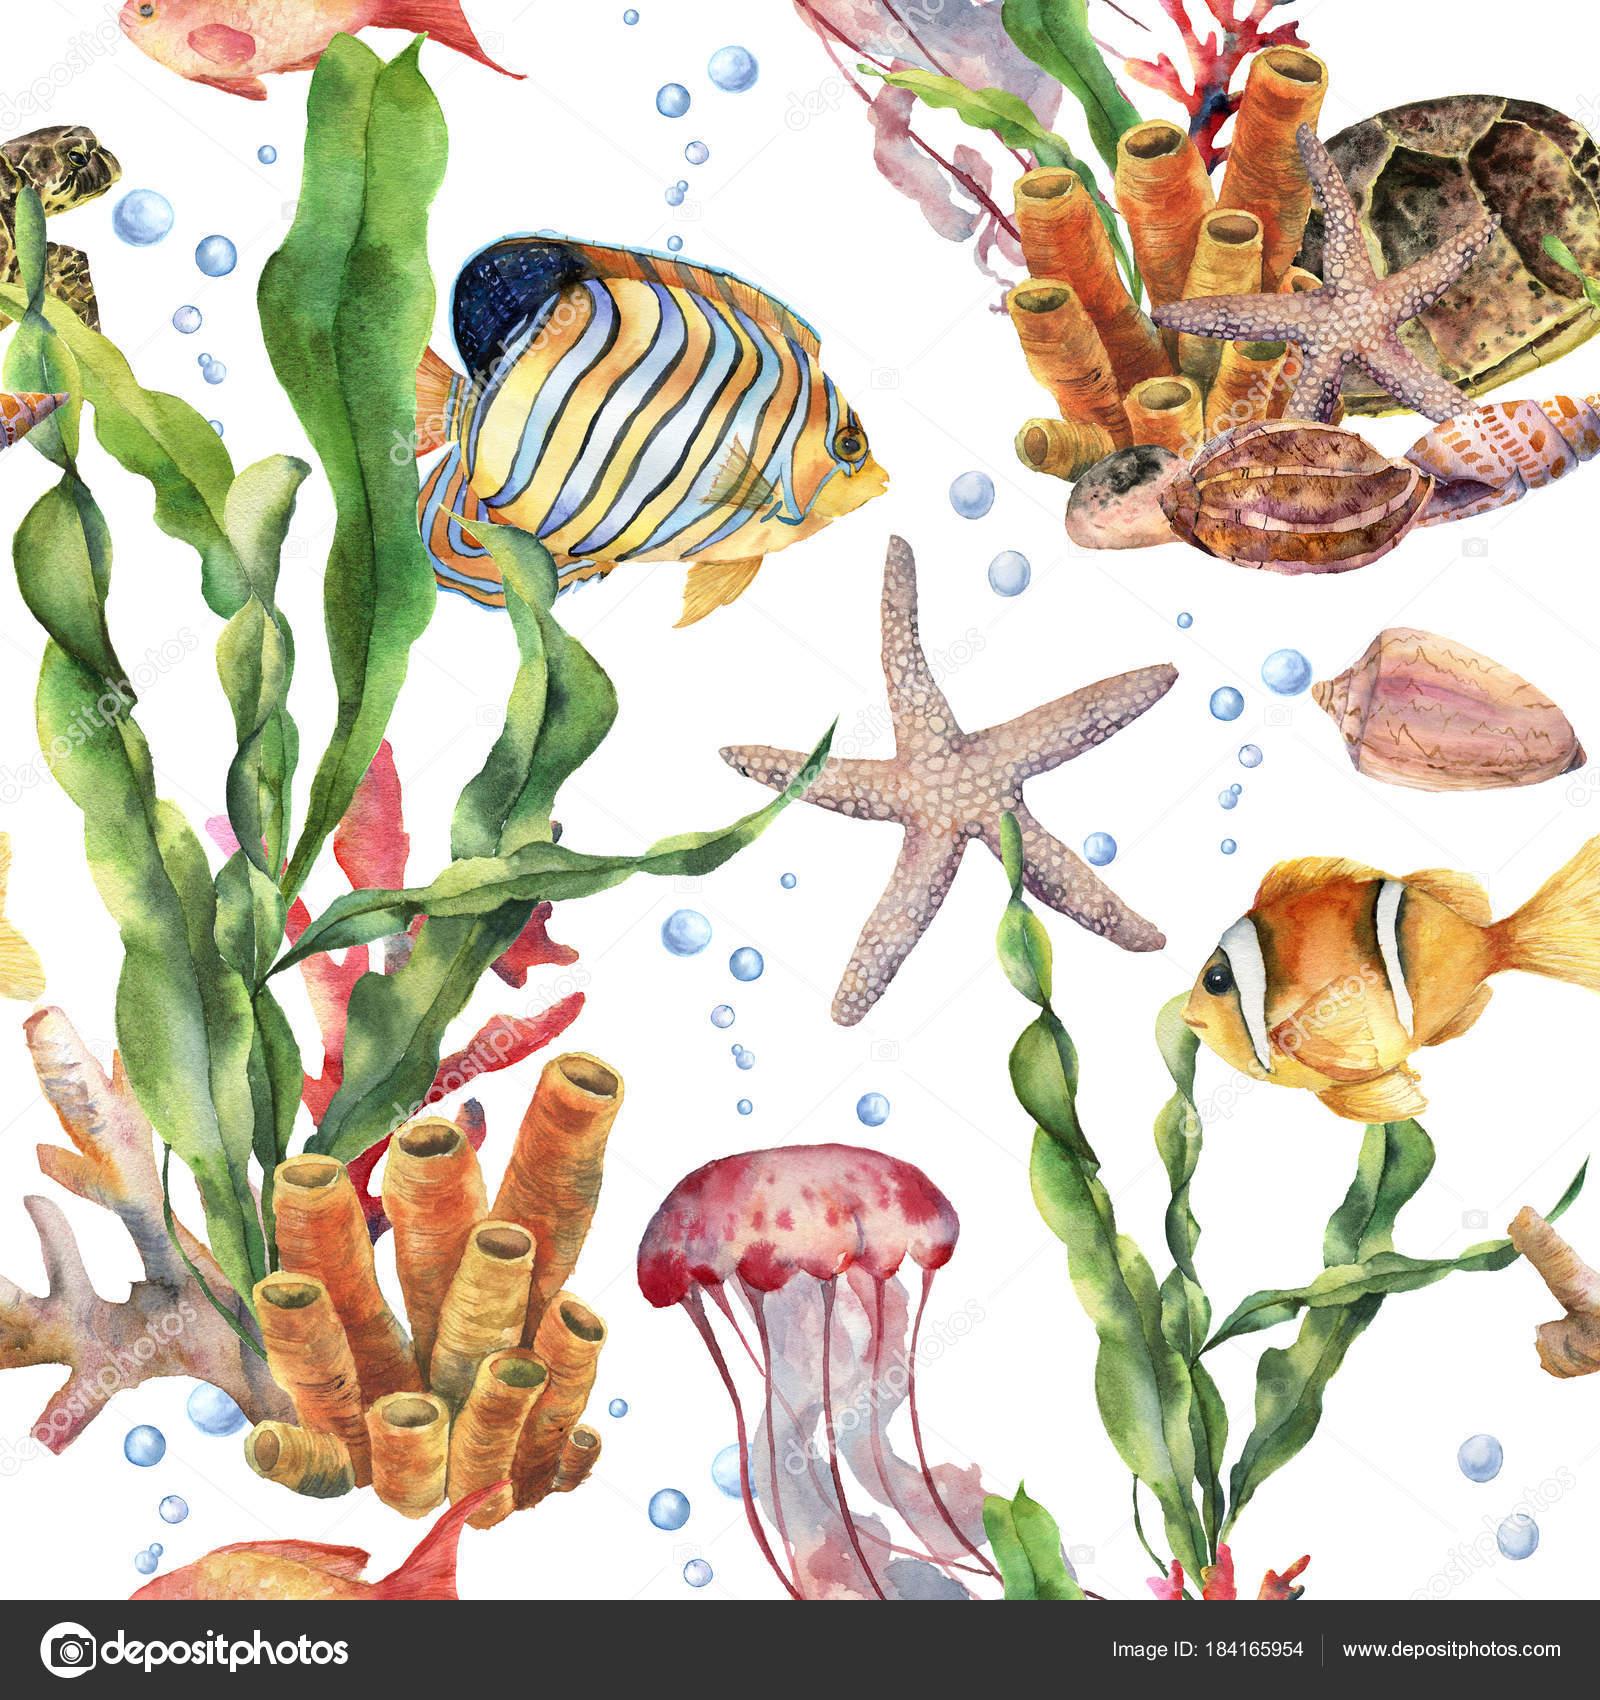 Sulu Boya Dikişsiz Desen Laminaria şubeler Mercan Resif Ve Deniz